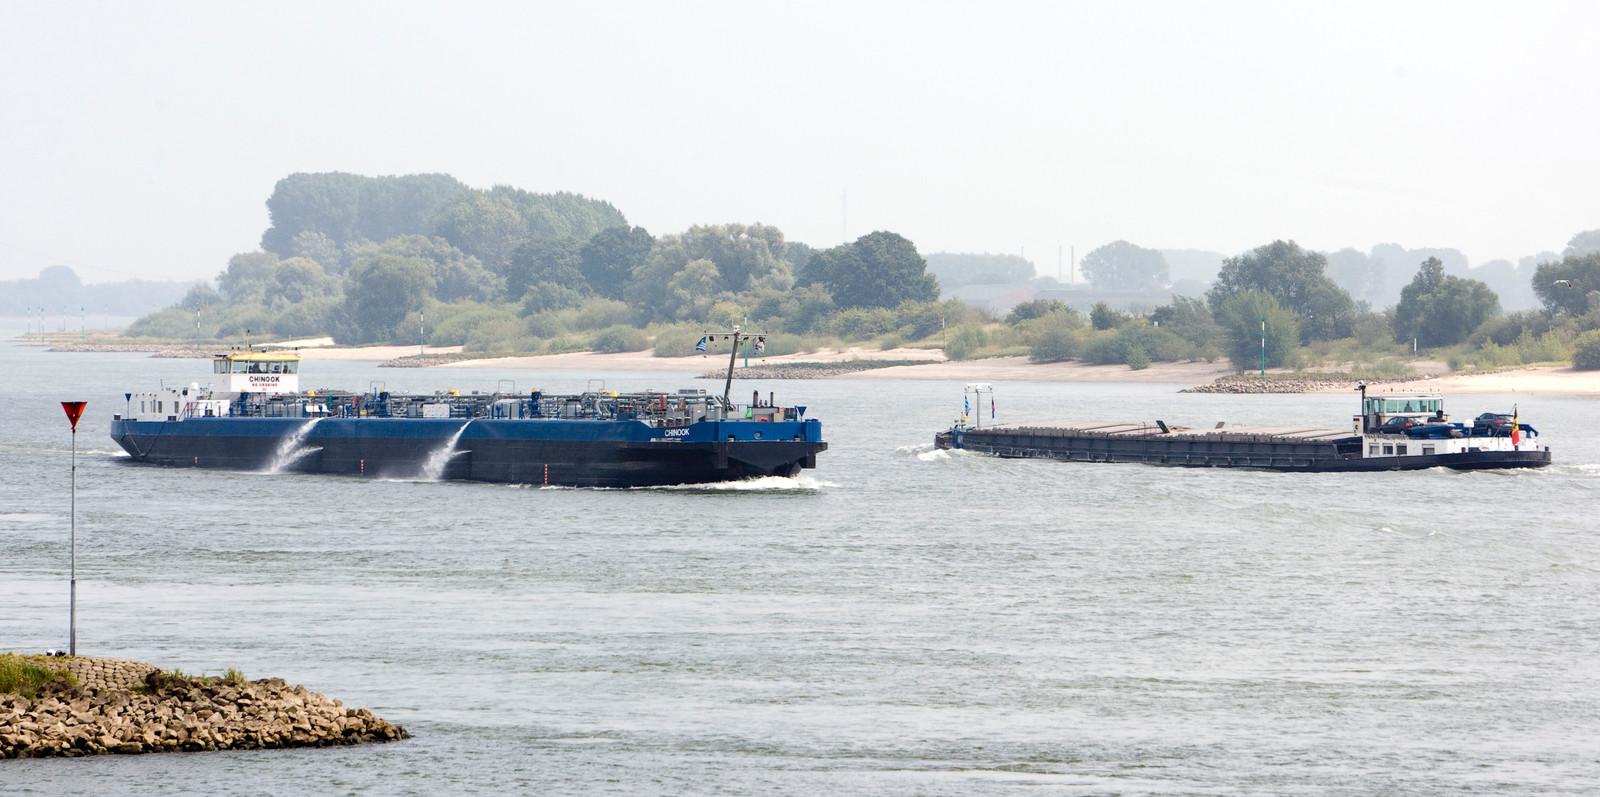 Binnenvaartschepen op de Rijn. Foto ter illustratie.